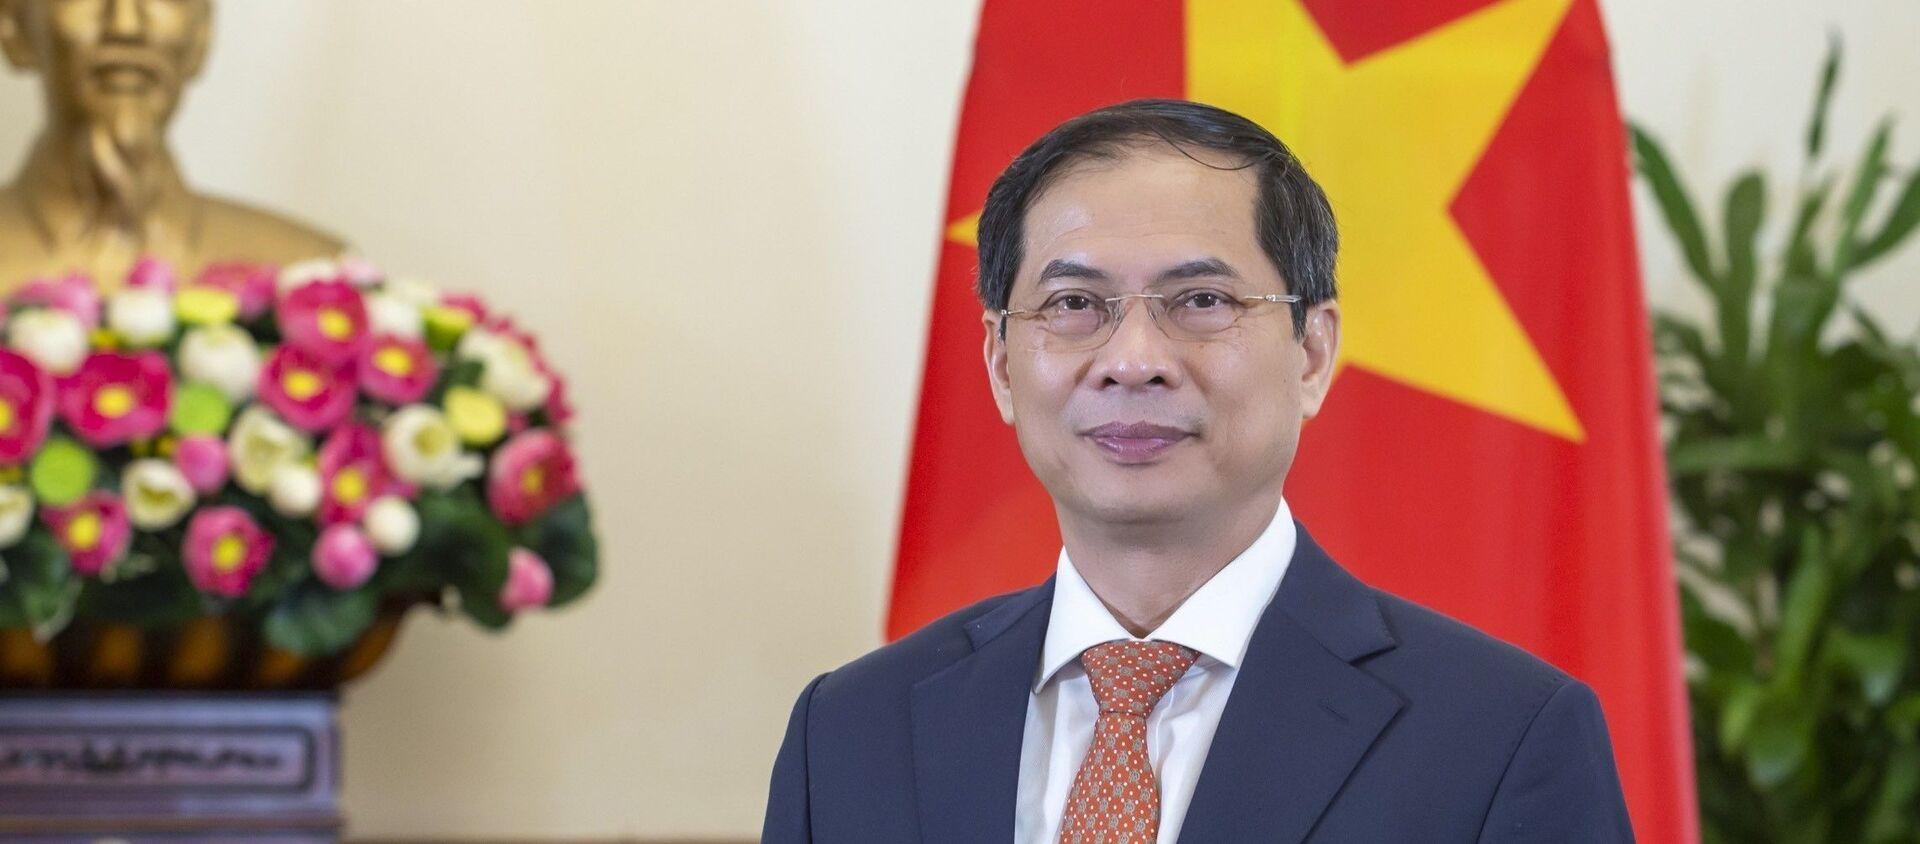 Ủy viên Trung ương Đảng, Bộ trưởng Ngoại giao Bùi Thanh Sơn. - Sputnik Việt Nam, 1920, 23.09.2021